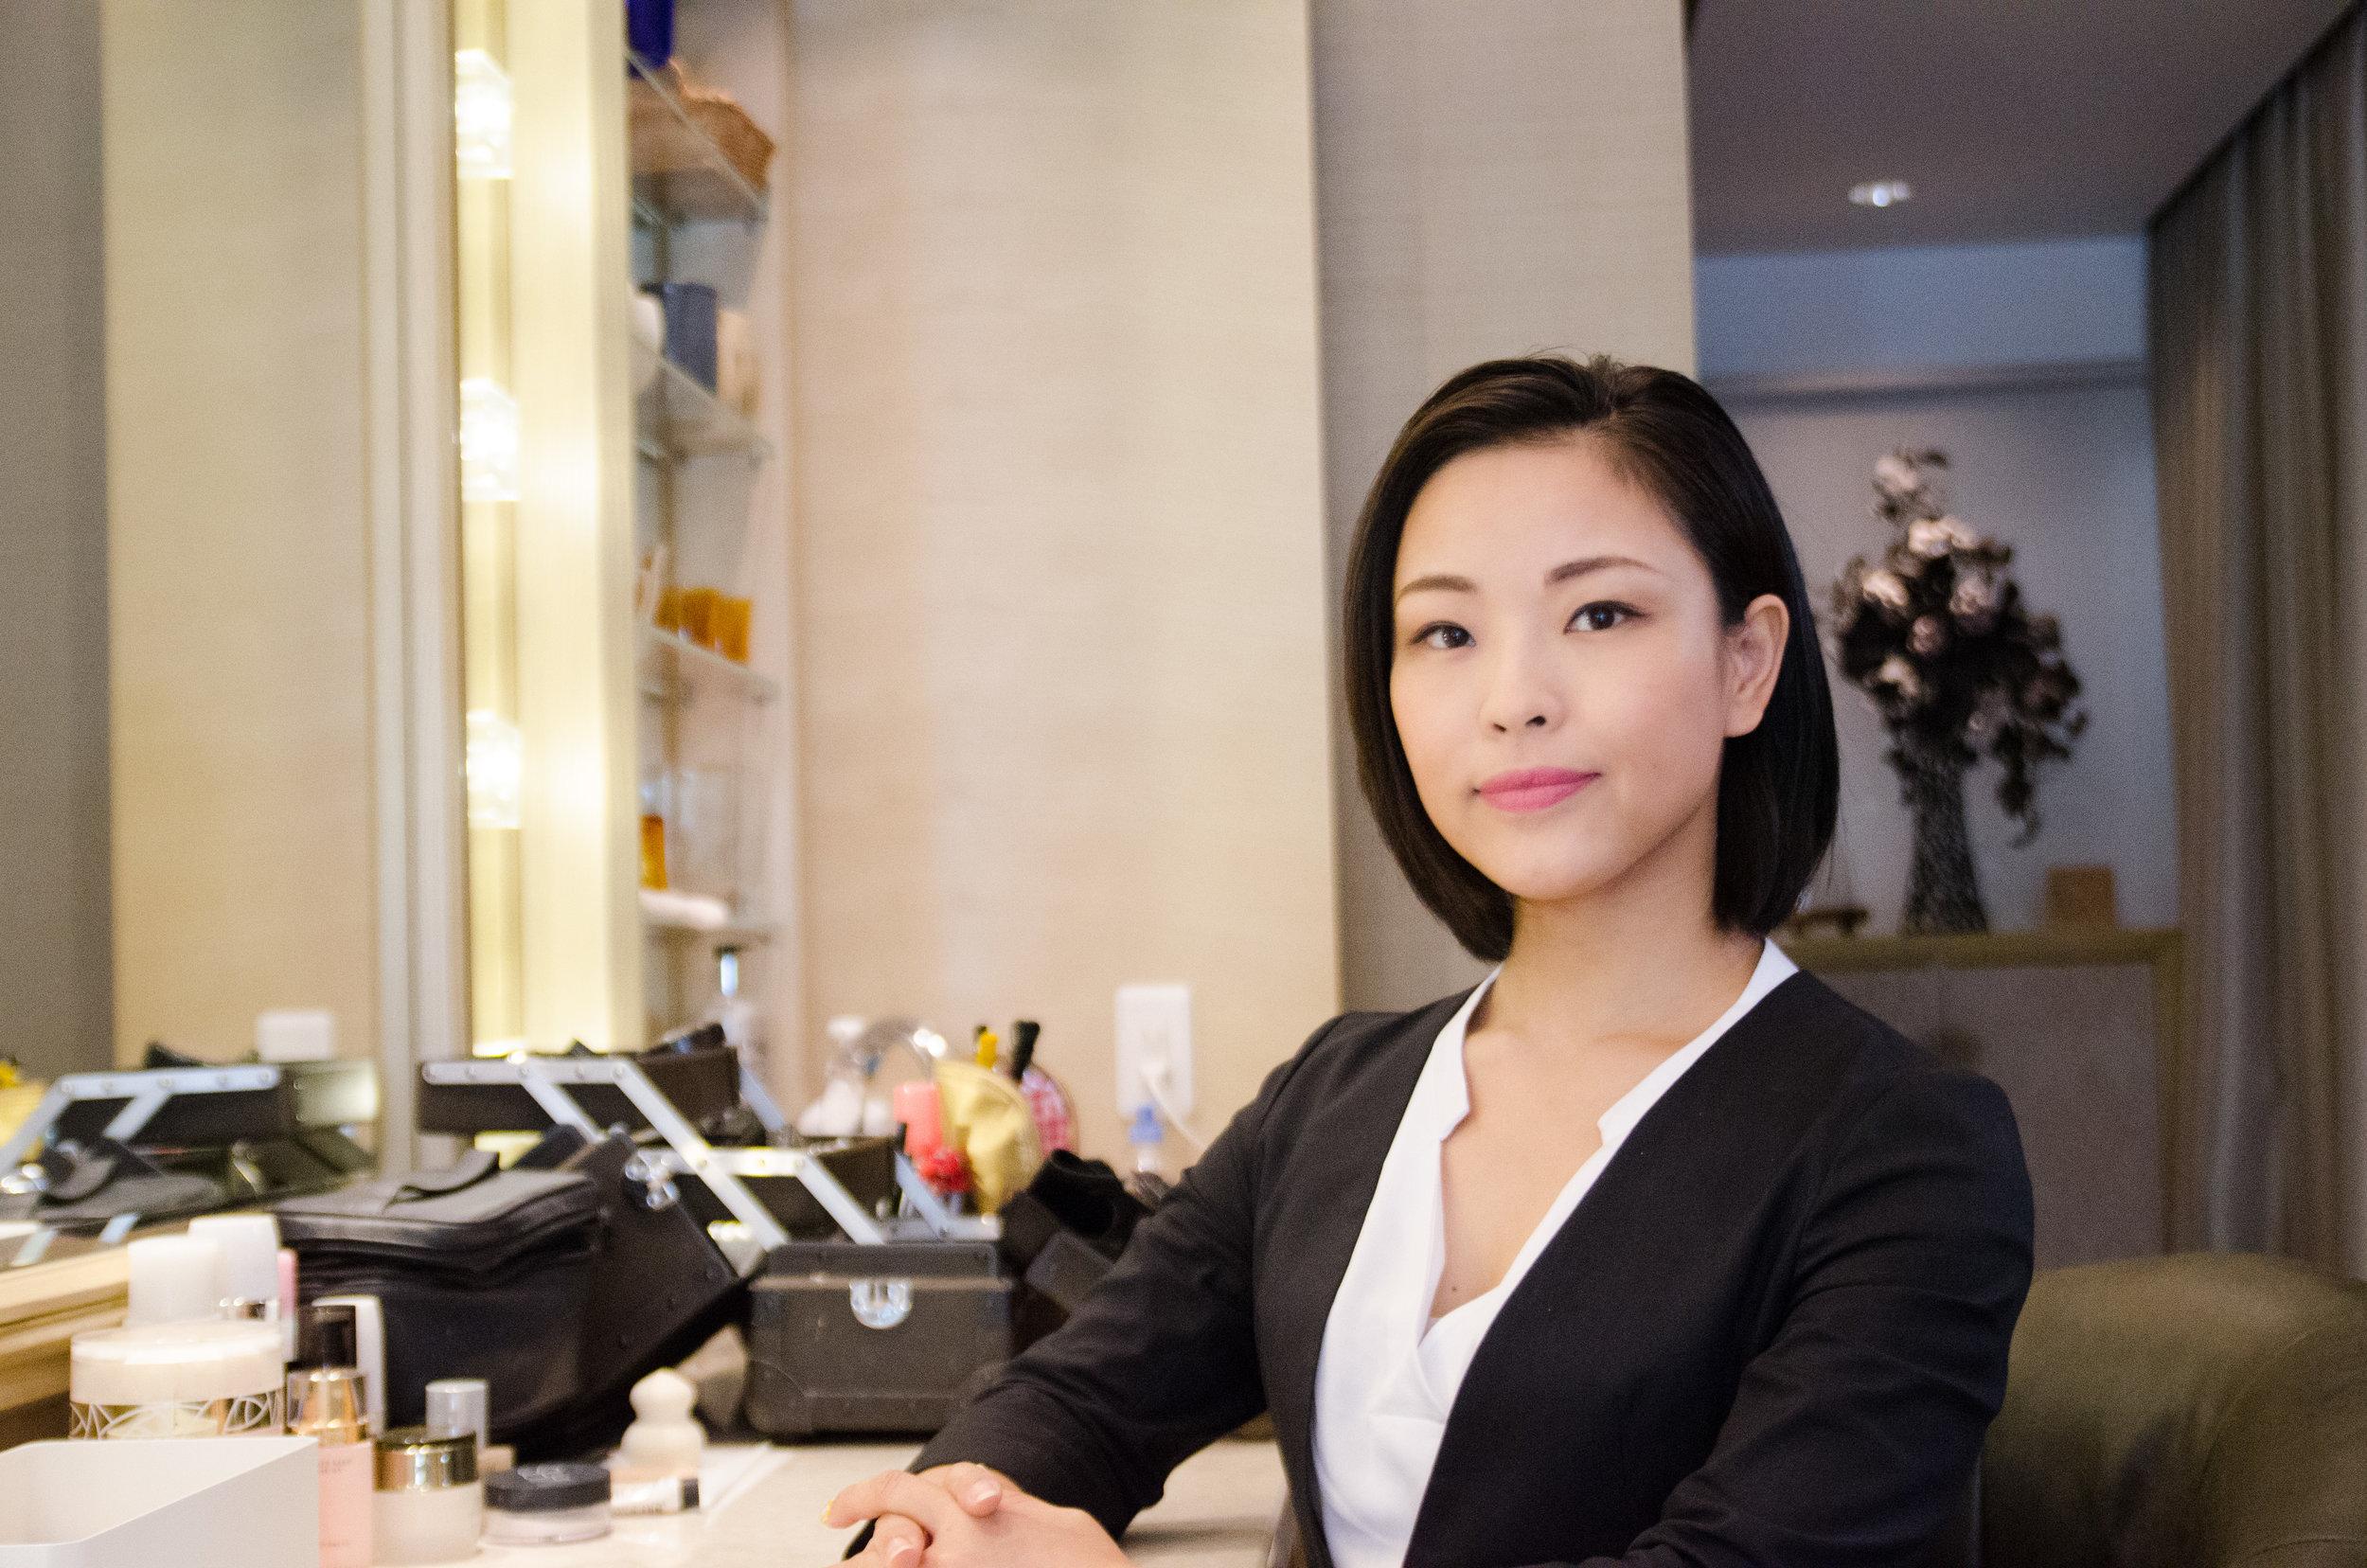 − WANNE代表 福田裕香 − ヘアメイクアーティスト アイリスト 着付師 美容技術講師  サロンワークの傍ら、フリーランスのヘアメイク(ブライダル・美容講師・化粧品広告・ファッションショー・美容イベント等)としても活動。毎月子育て支援やボランティア美容活動も行っている。